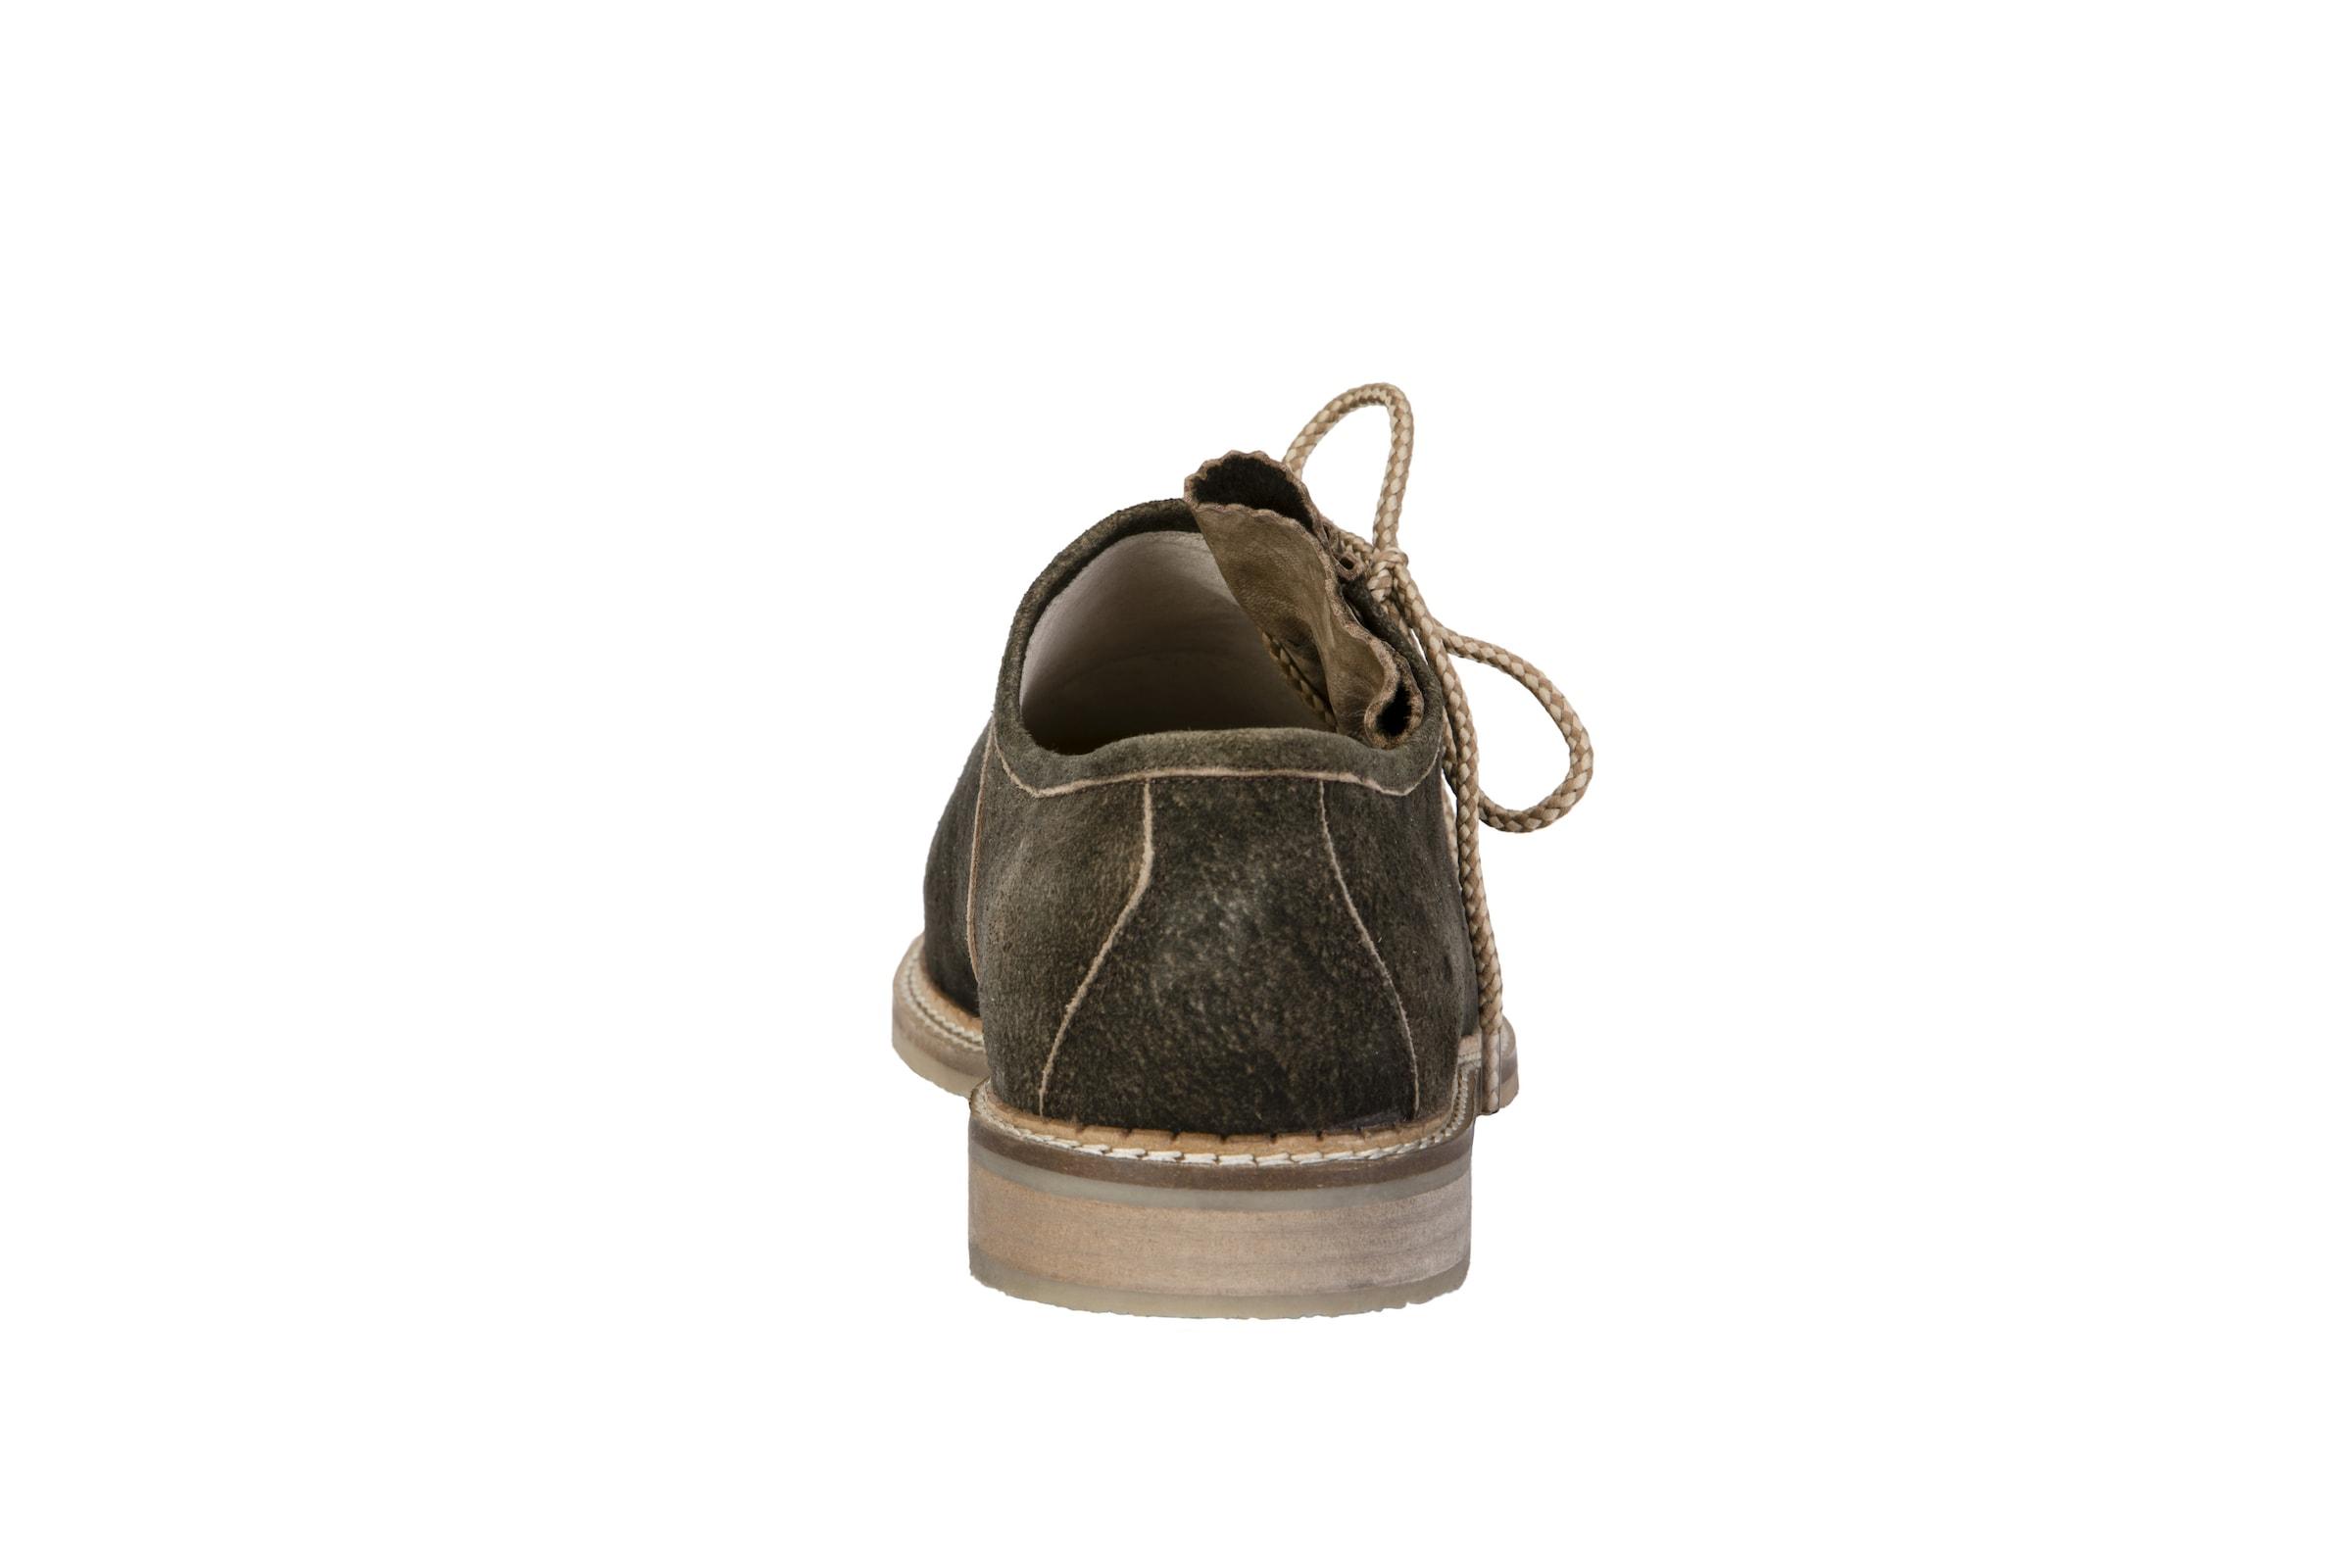 STOCKERPOINT Schuh '1300' Liefern Rabatte Für Verkauf Freies Verschiffen Große Auswahl An Freies Verschiffen Empfehlen Auslass Klassisch LJvho